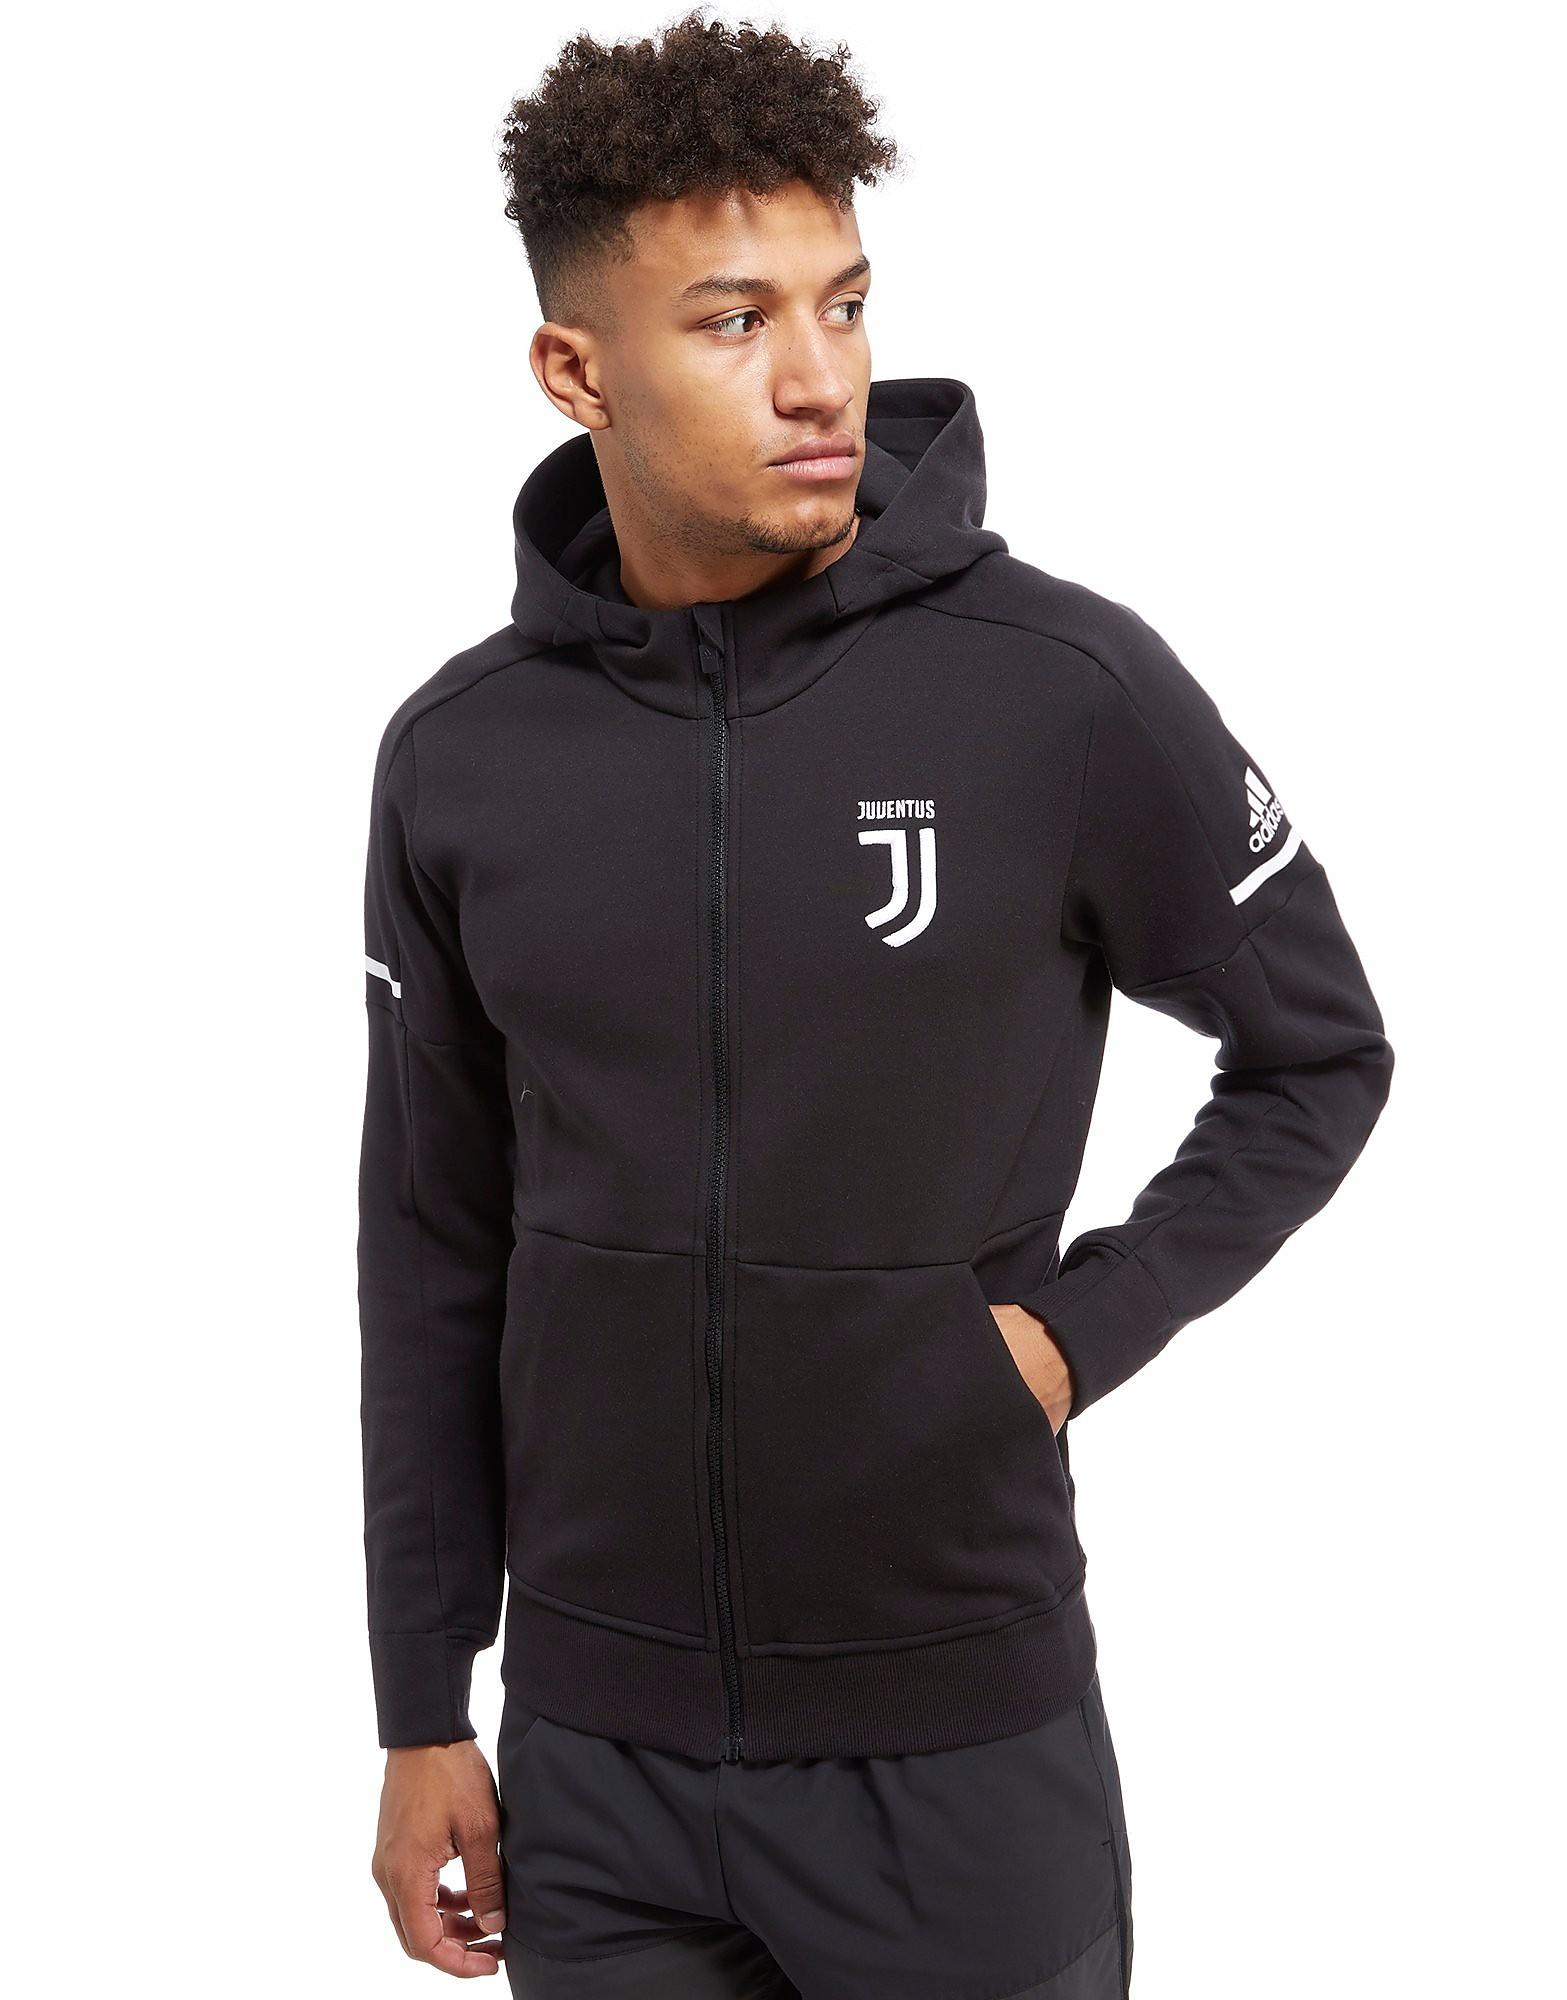 adidas Juventus 2017 Anthem Jacket